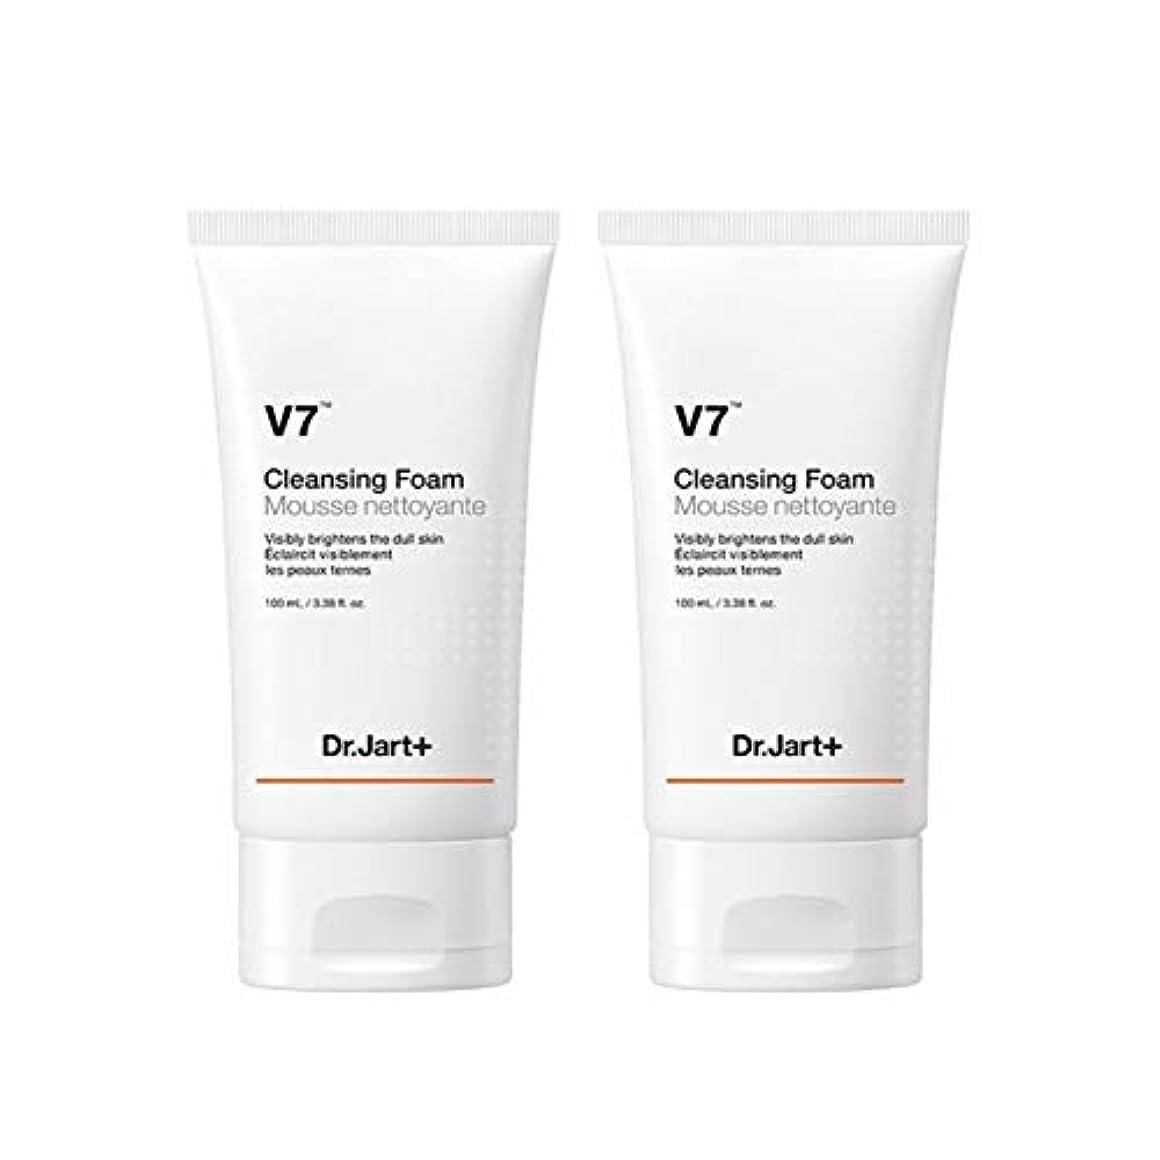 どれか名門グラスドクタージャルトゥV7クレンジングフォーム100mlx2本セット韓国コスメ、Dr.Jart V7 Cleansing Foam 100ml x 2ea Set Korean Cosmetics [並行輸入品]